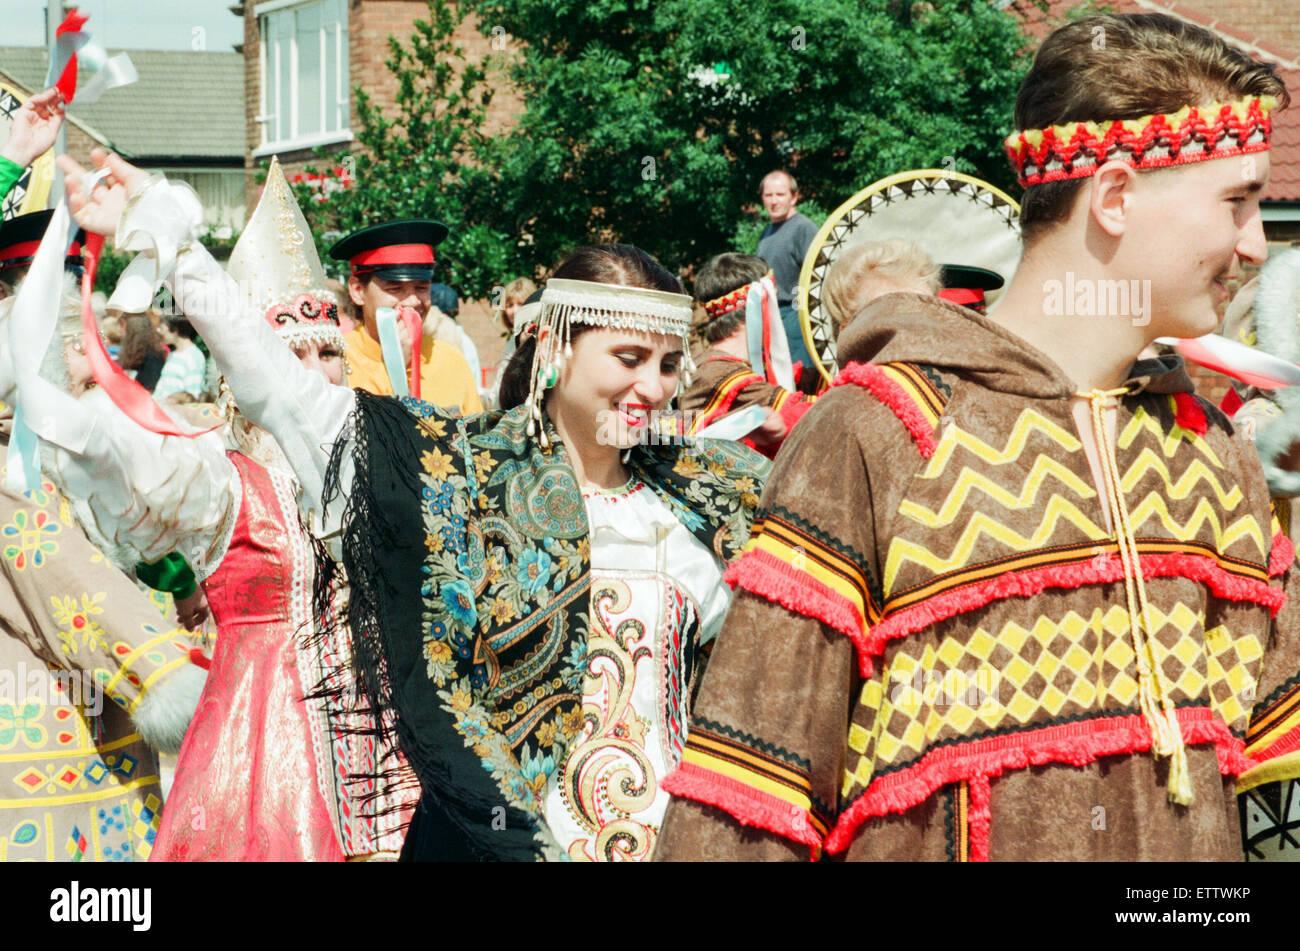 Billingham Folklore Festival 1994, Festival Internazionale del Folklore di danza del mondo. Il 16 agosto 1994. Immagini Stock